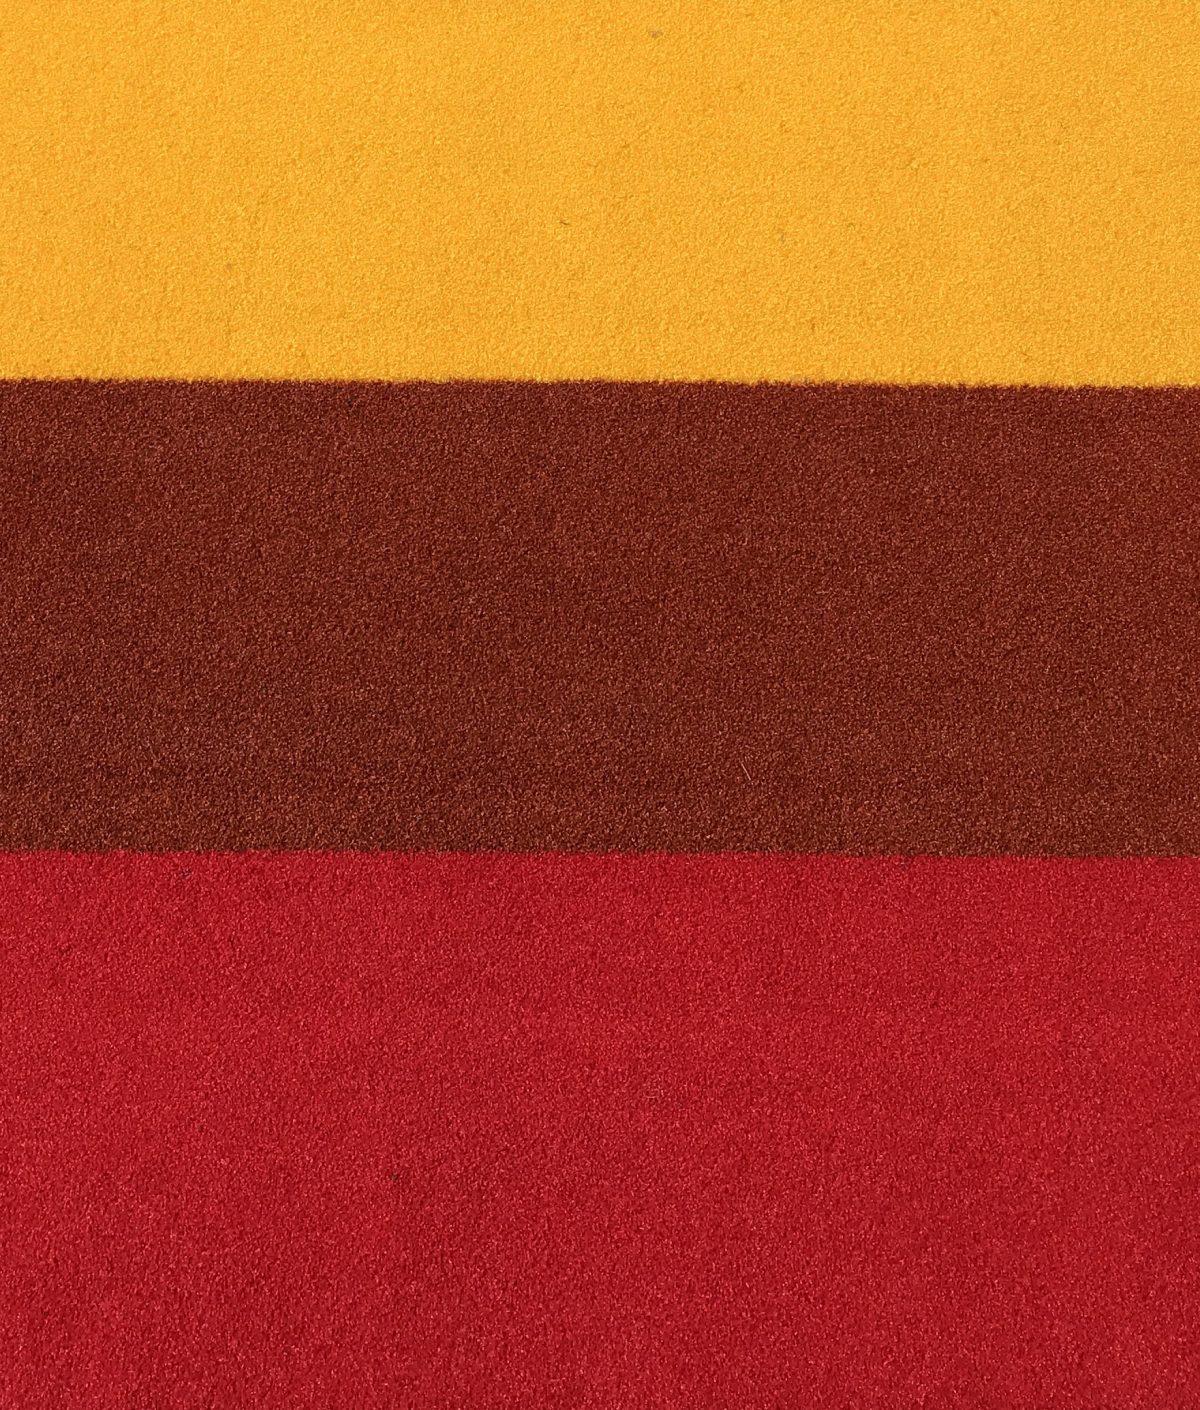 buitentapijt rood/terra/geel